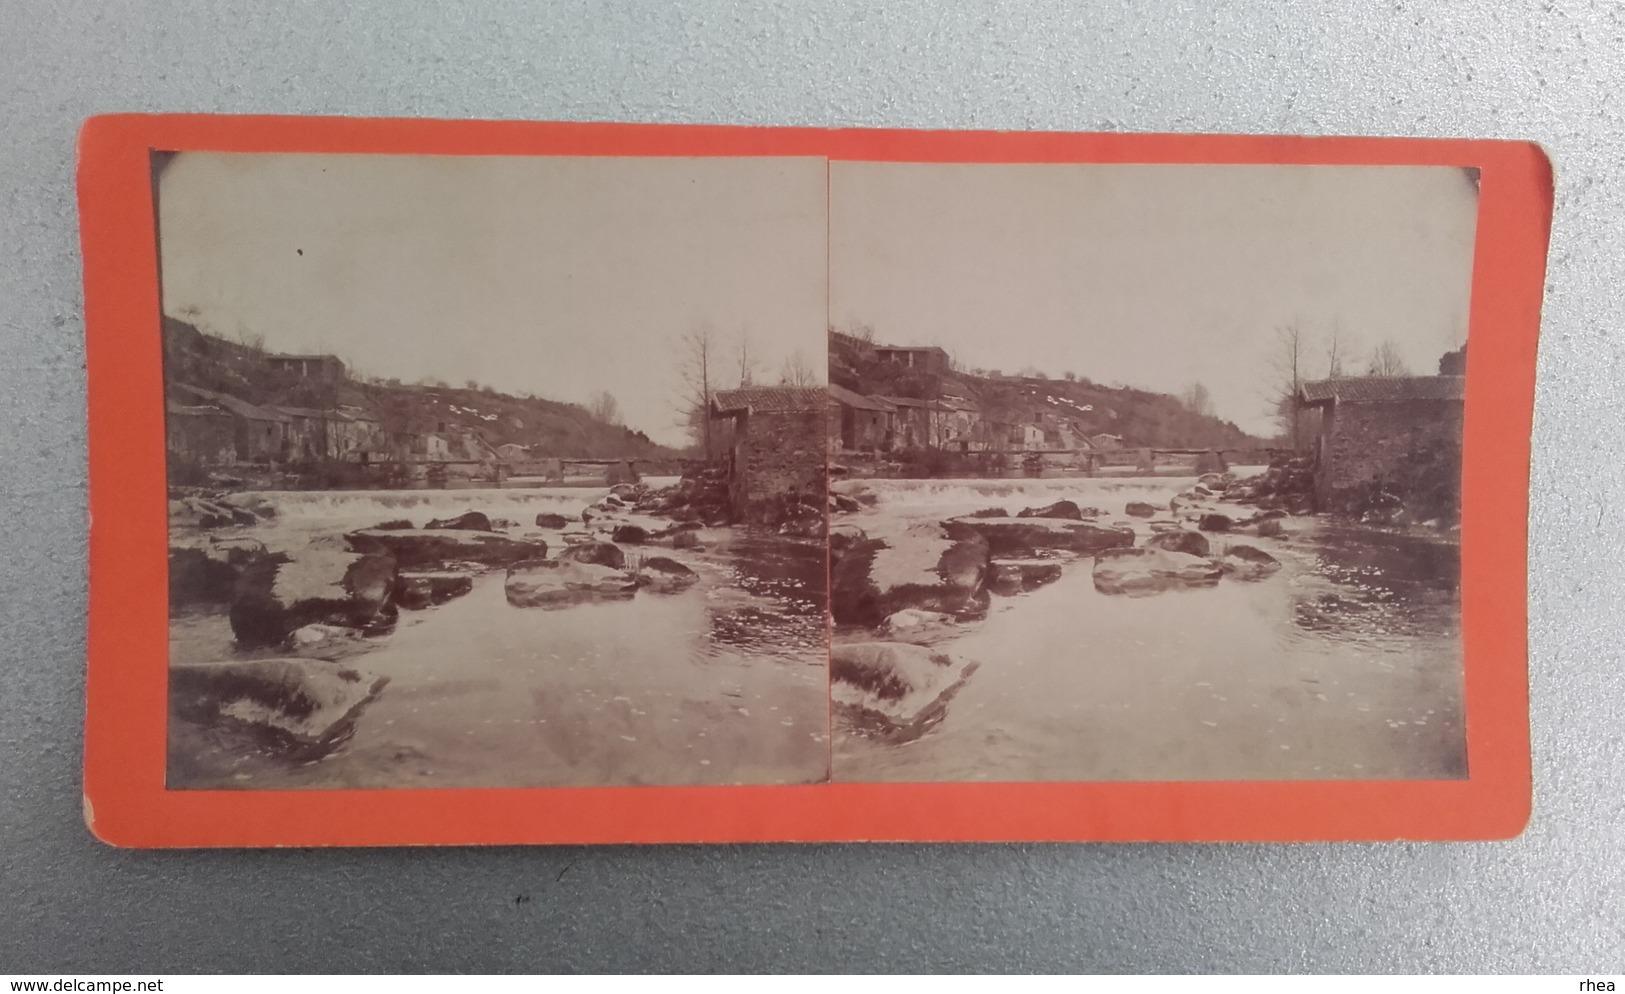 44 - BOUSSAY - Photo Stéréo Sur Carton - - Photos Stéréoscopiques